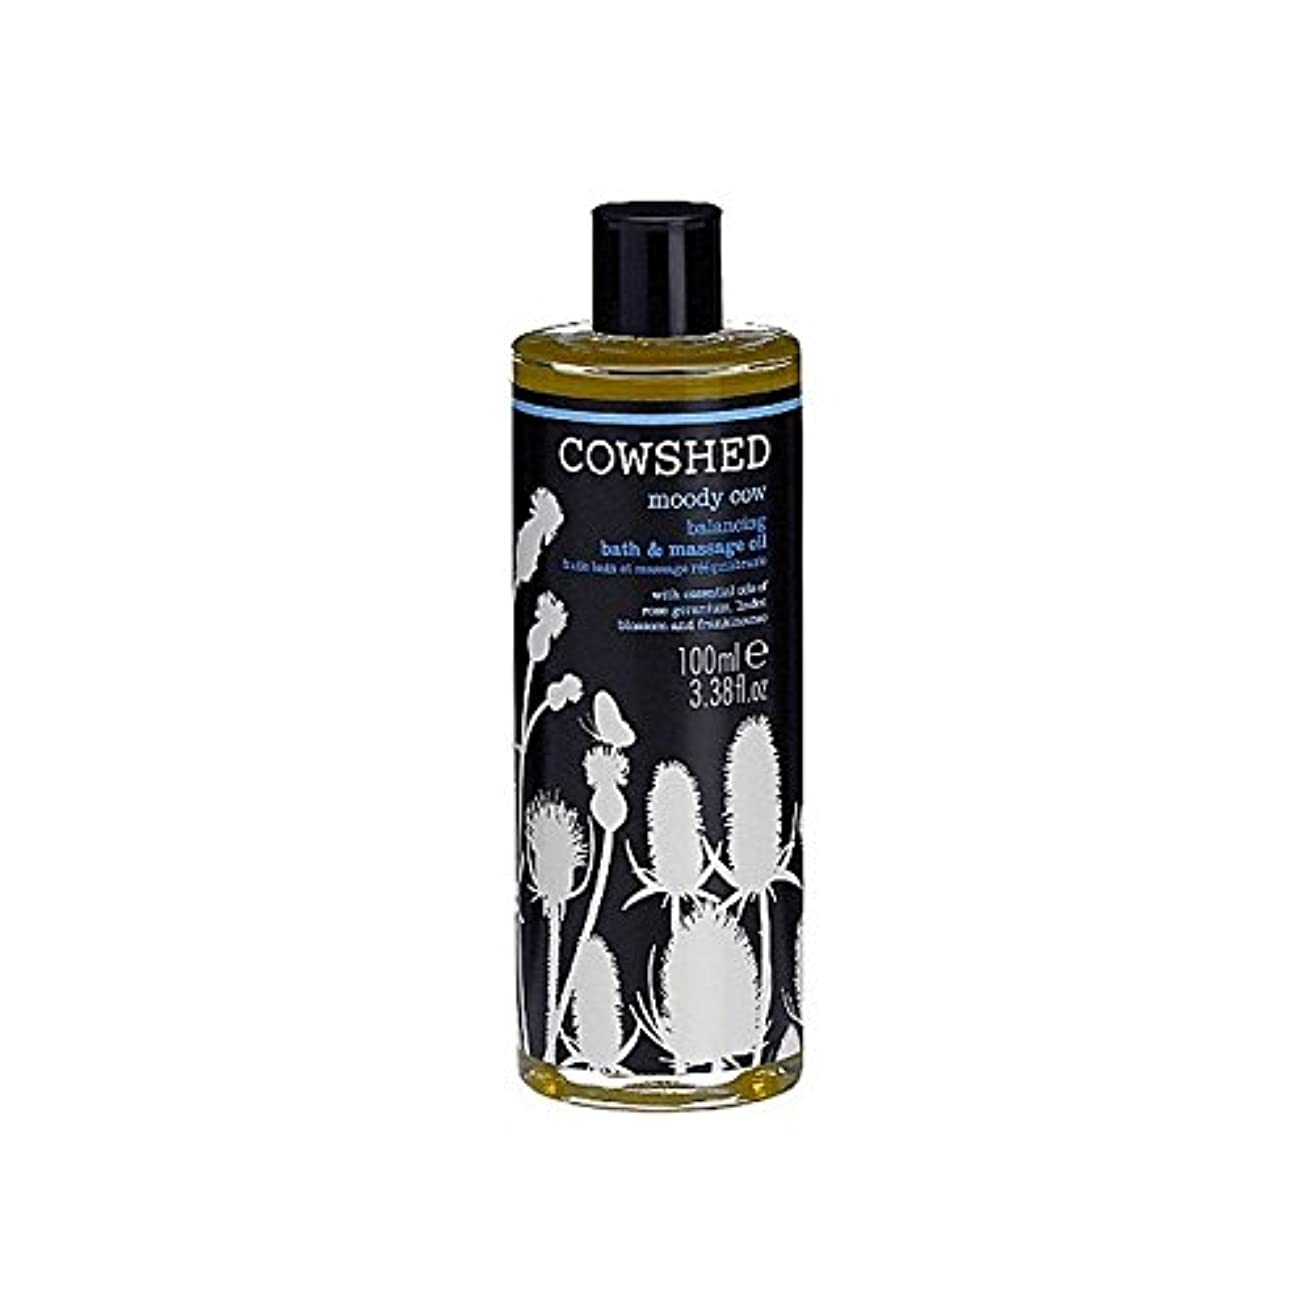 やりがいのある検出器おもてなし牛舎ムーディー牛均衡バス、ボディオイル100ミリリットル x4 - Cowshed Moody Cow Balancing Bath And Body Oil 100ml (Pack of 4) [並行輸入品]